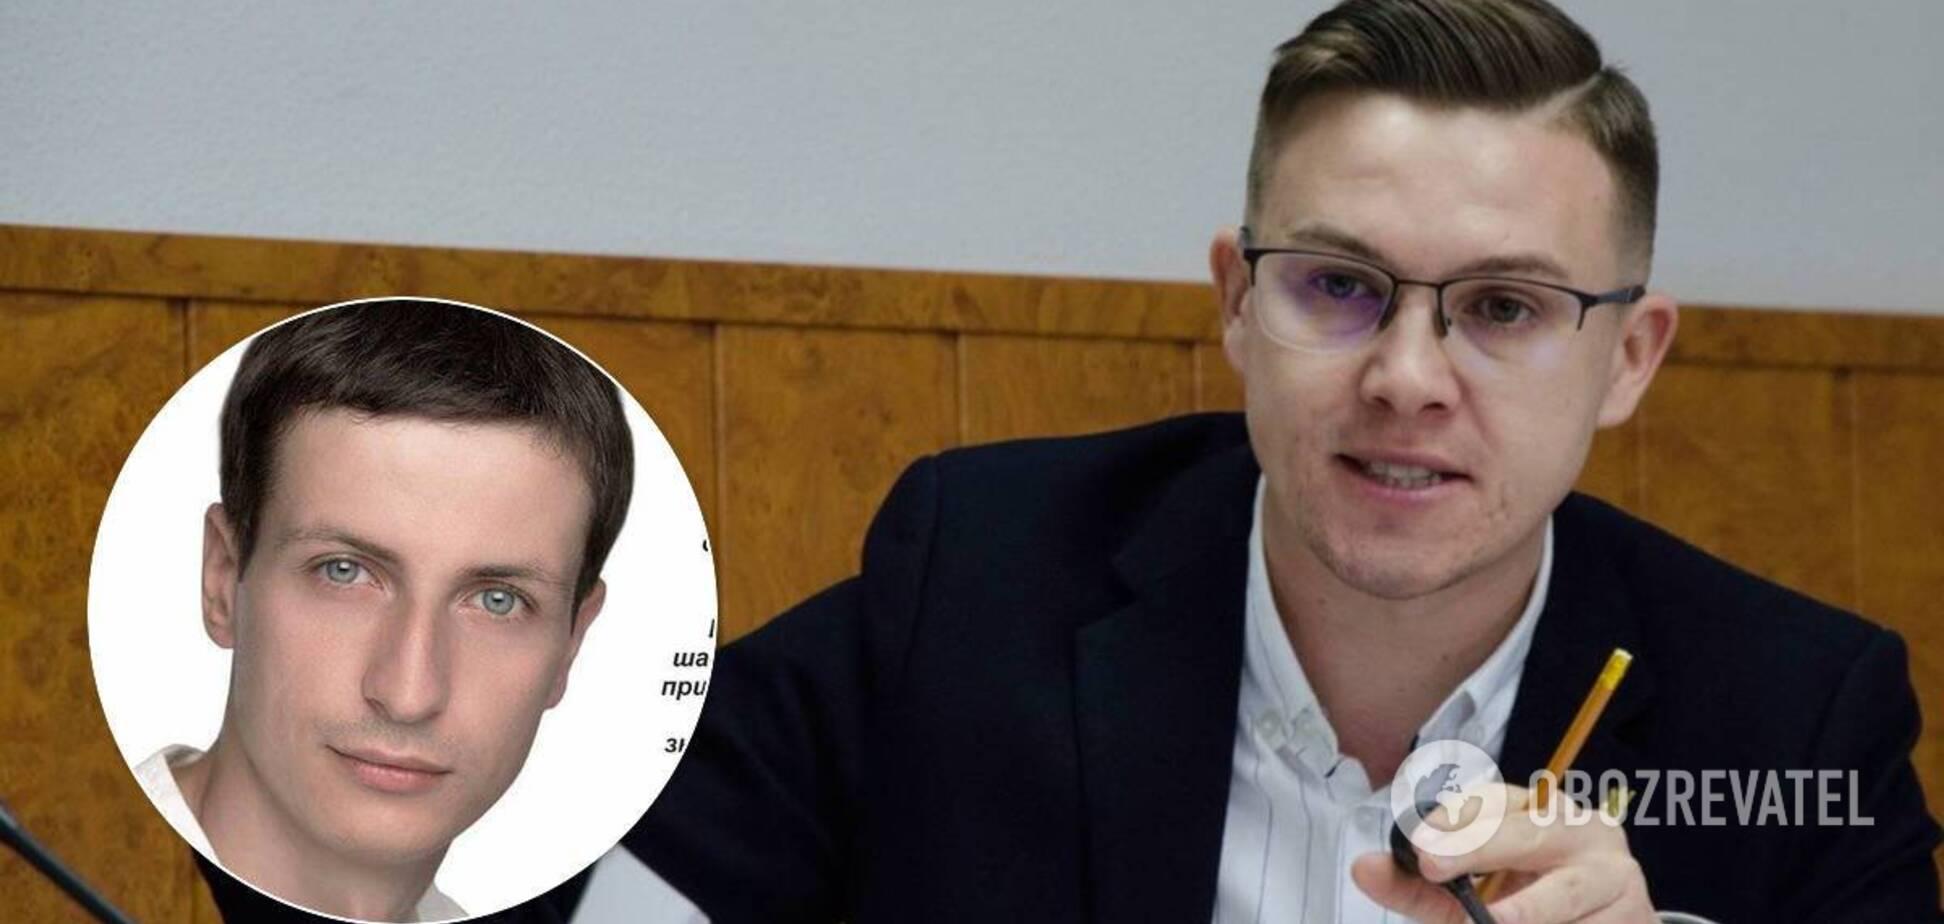 Вероятным заказчиком убийства Ботнара якобы является Шадловский